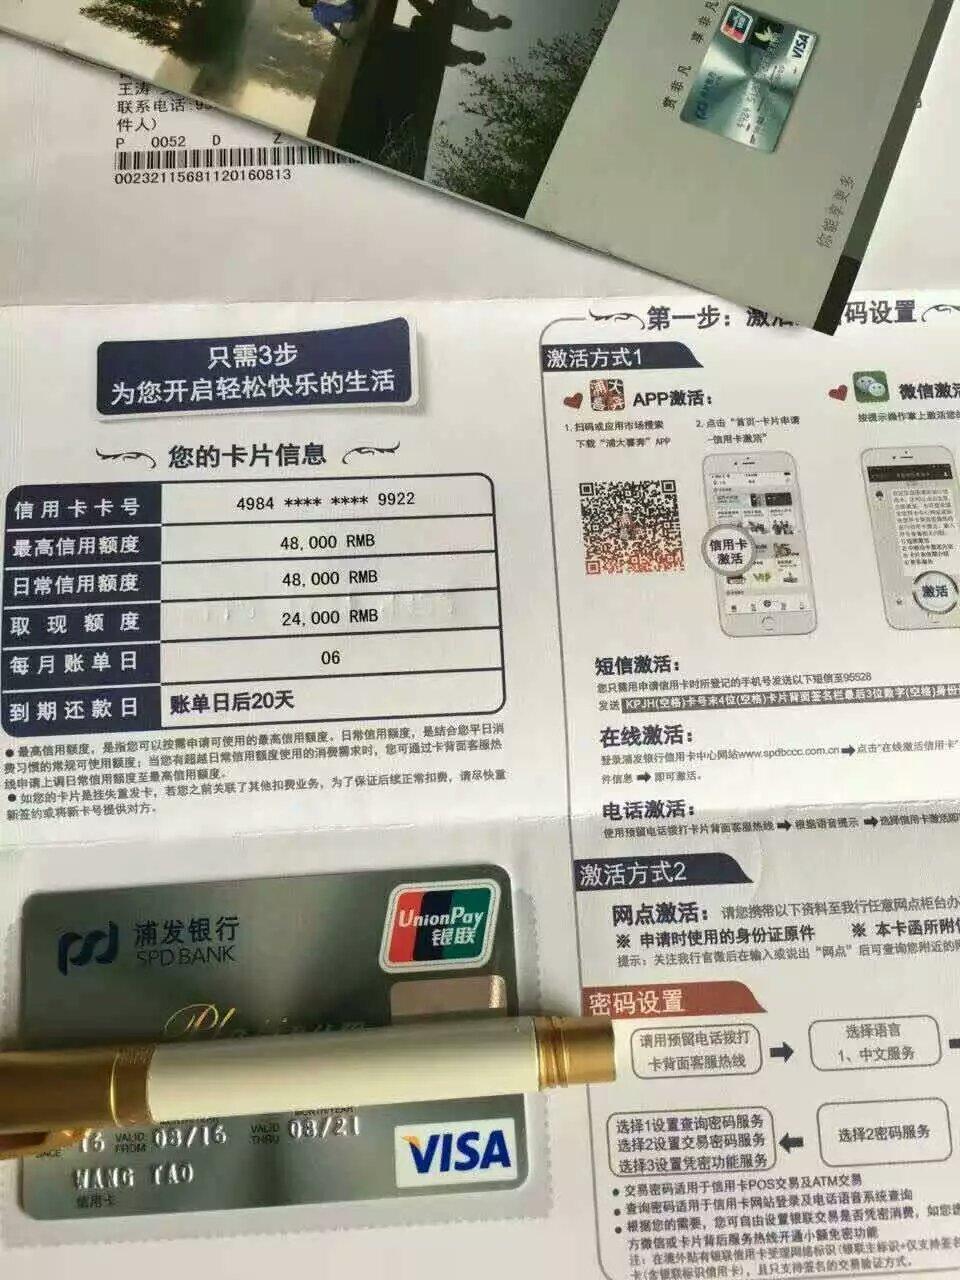 来自刘源发布的公司动态信息:信用卡办理,无任何前期,7-15个工作日... - 广元市聚炜汽车信息咨询服务有限公司